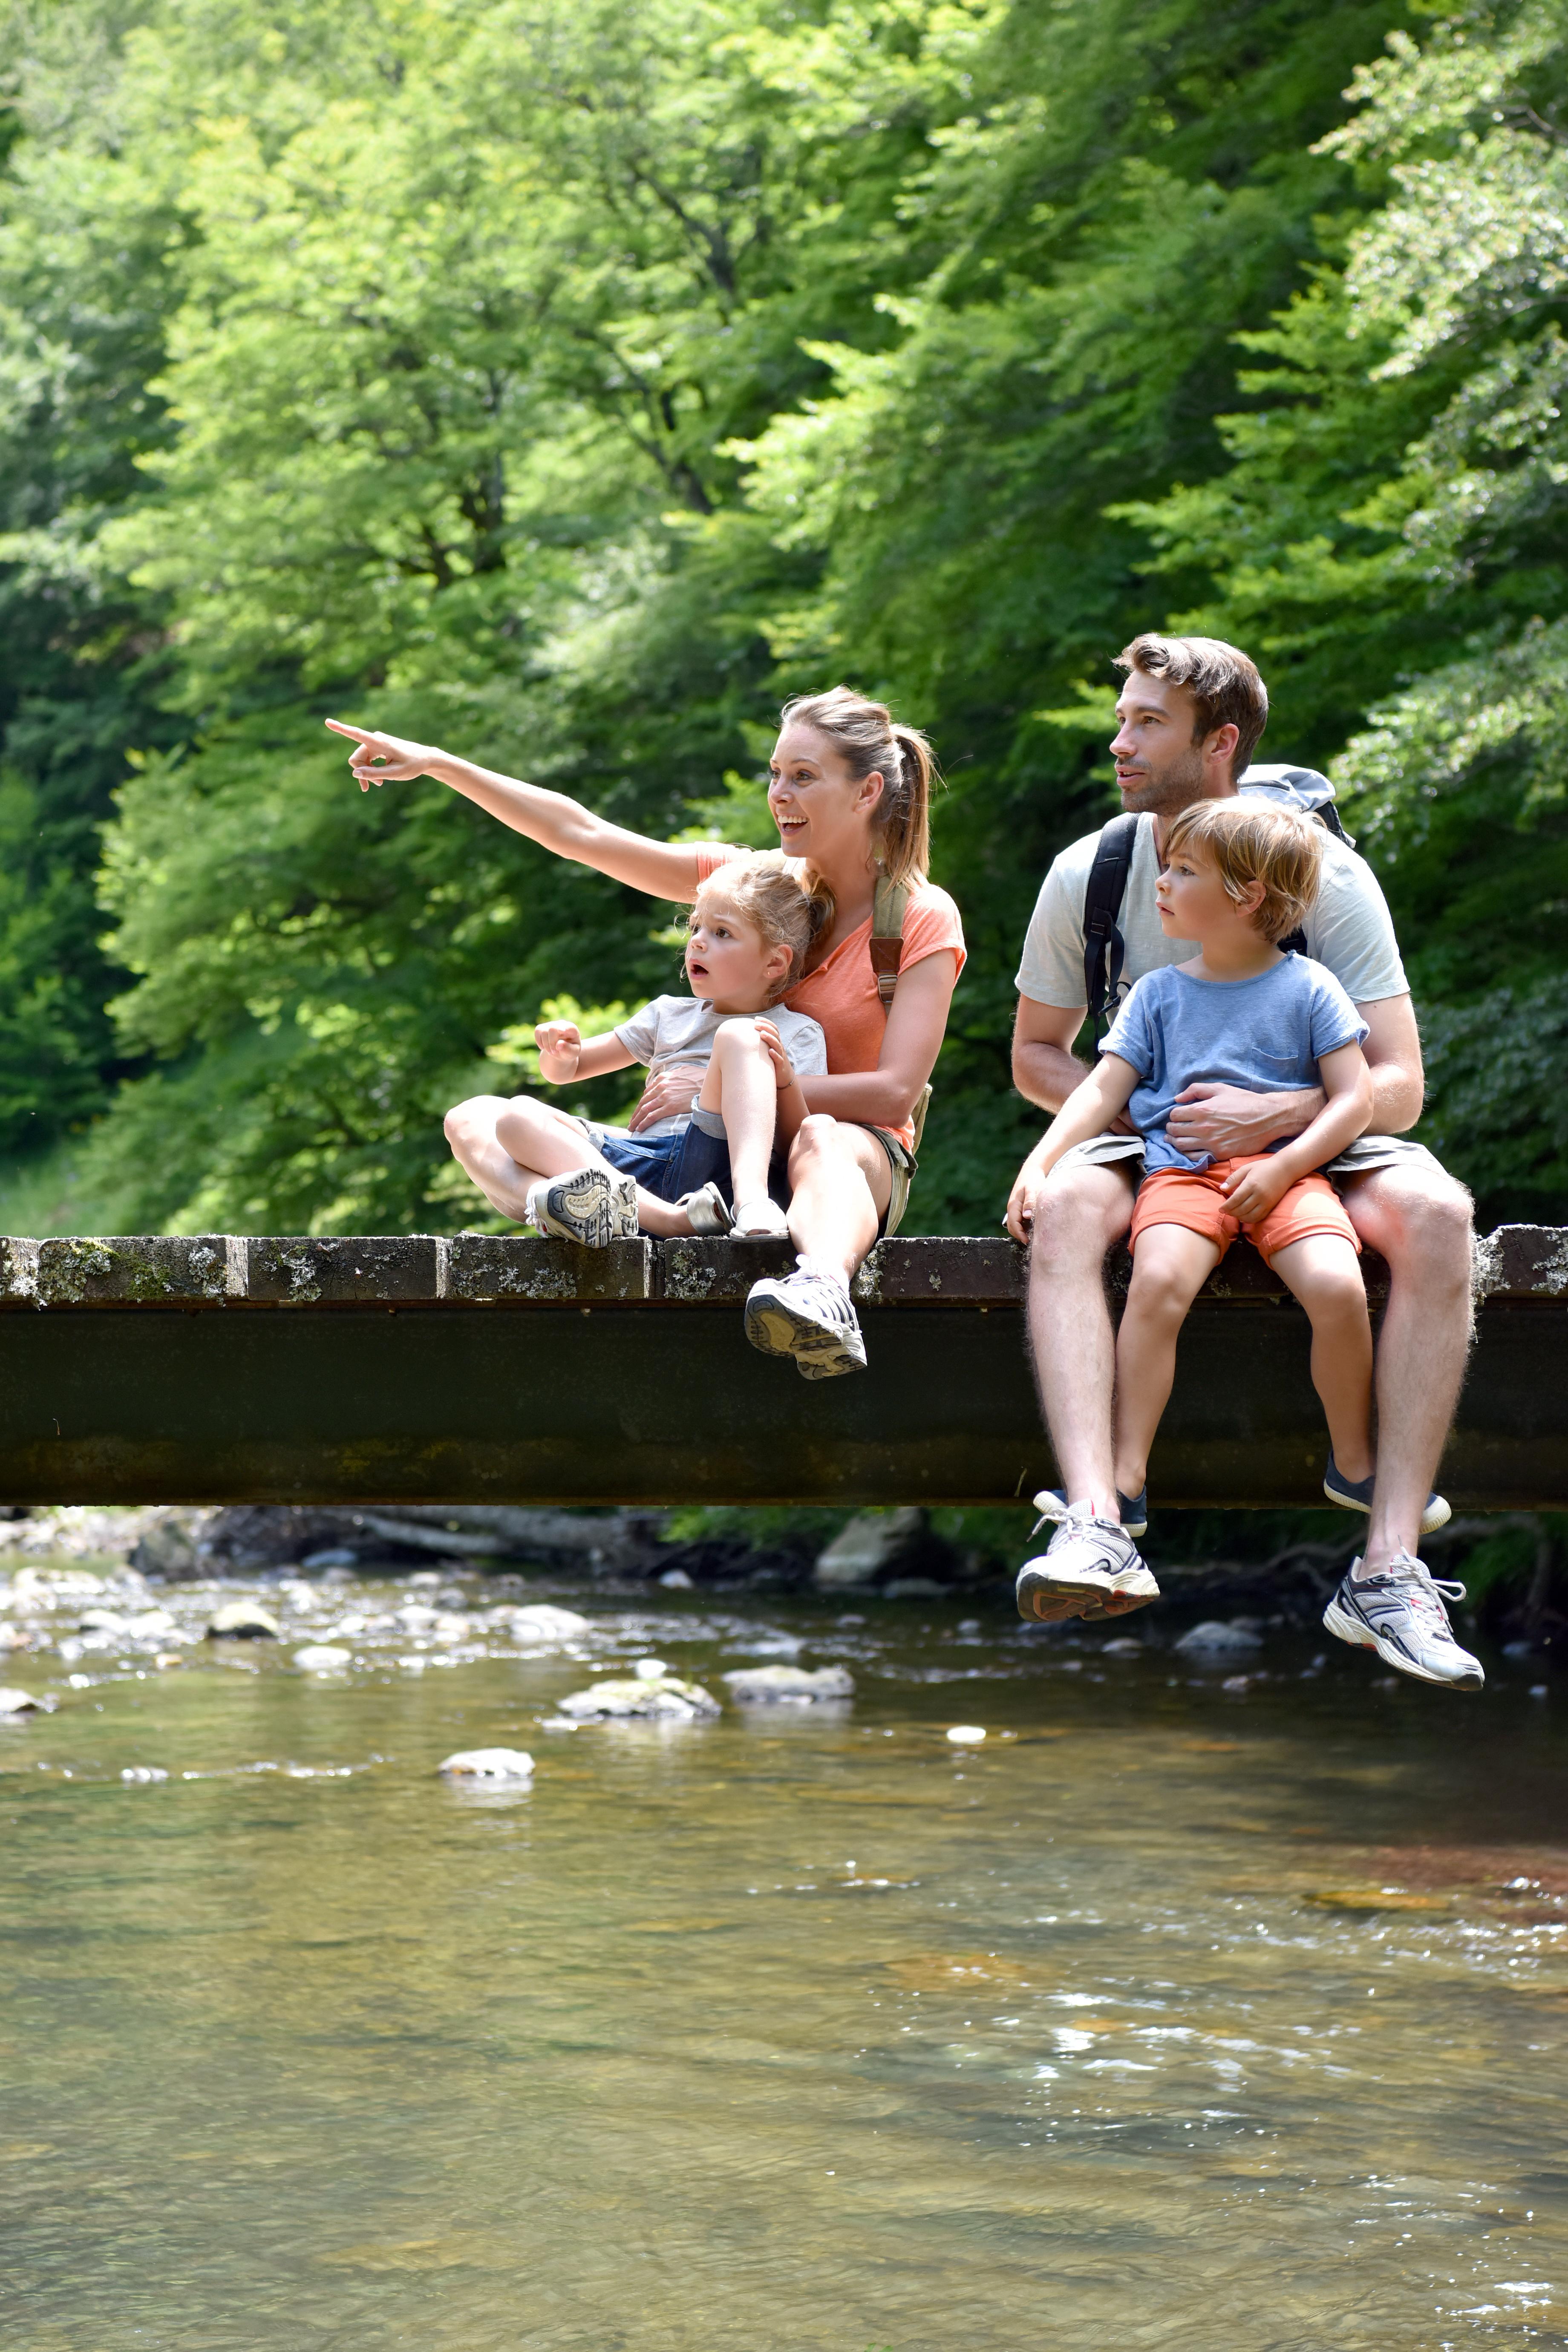 Familie bildquelle adobestock.com